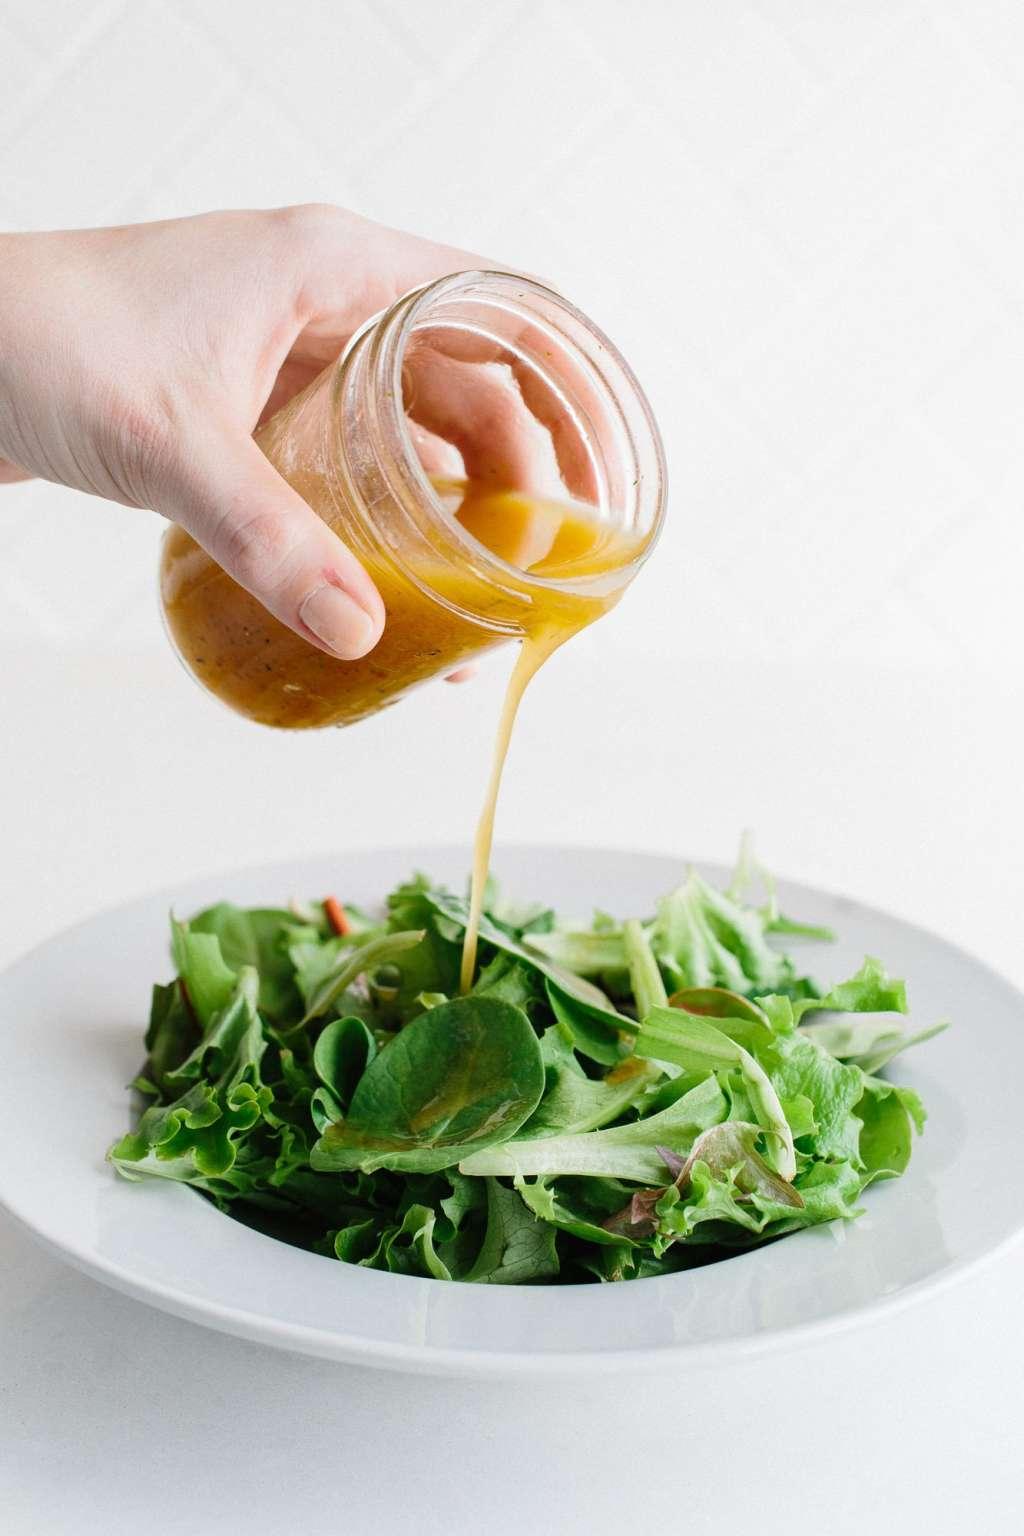 how to make vinaigrette thicker